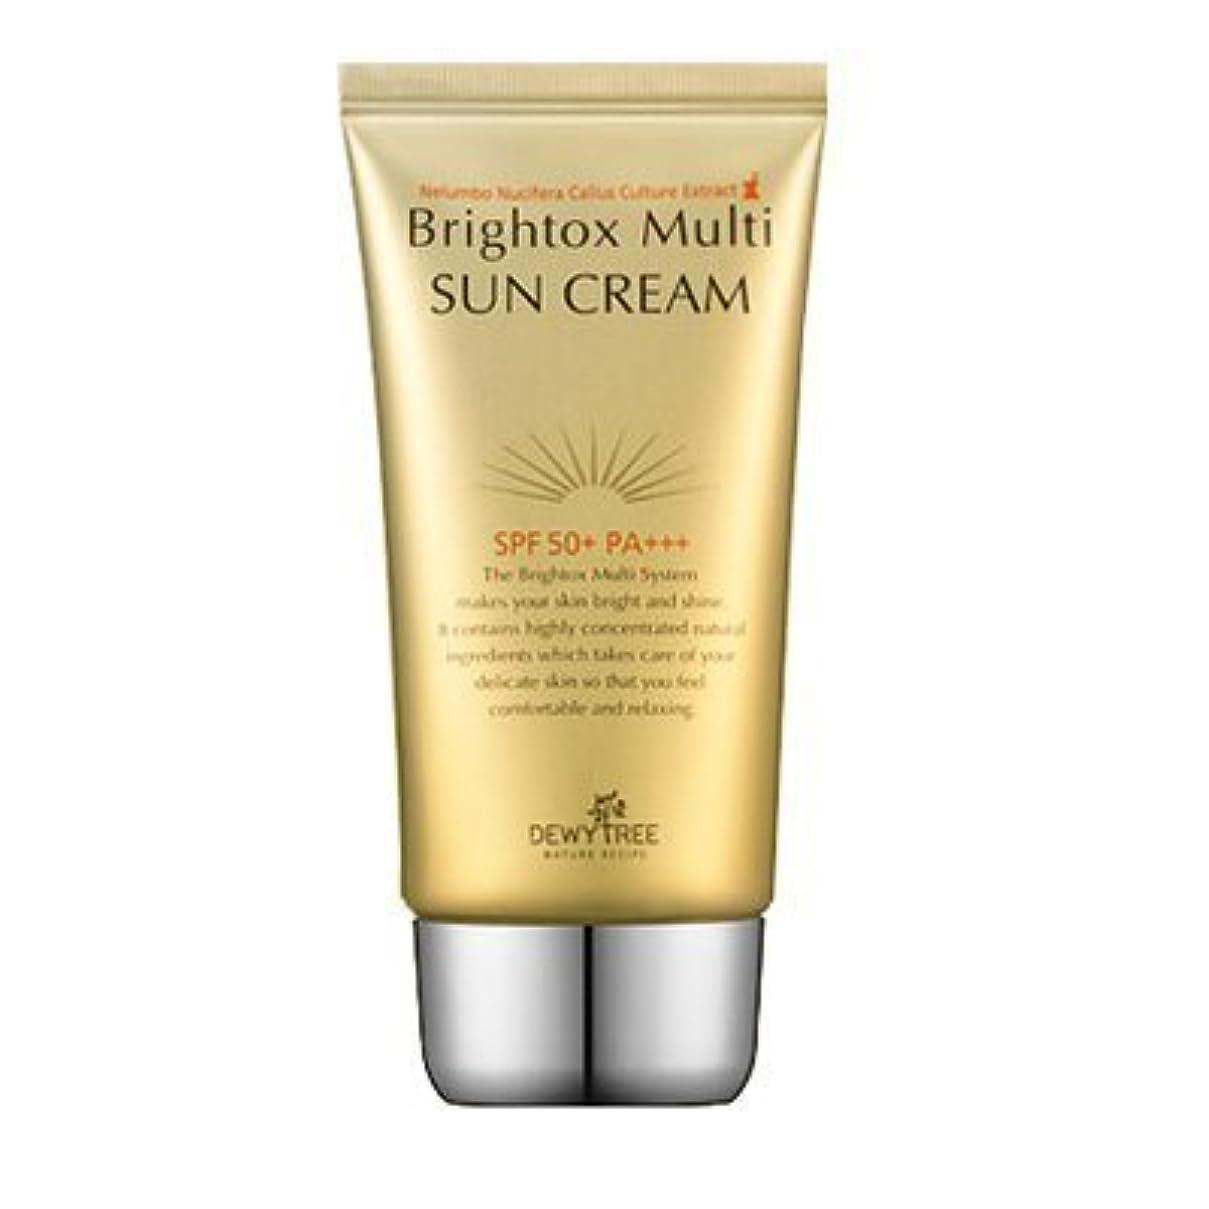 セラー帝国アジテーションDewytree Brightox Multi SUN CREAM SPF50+, PA+++50ml